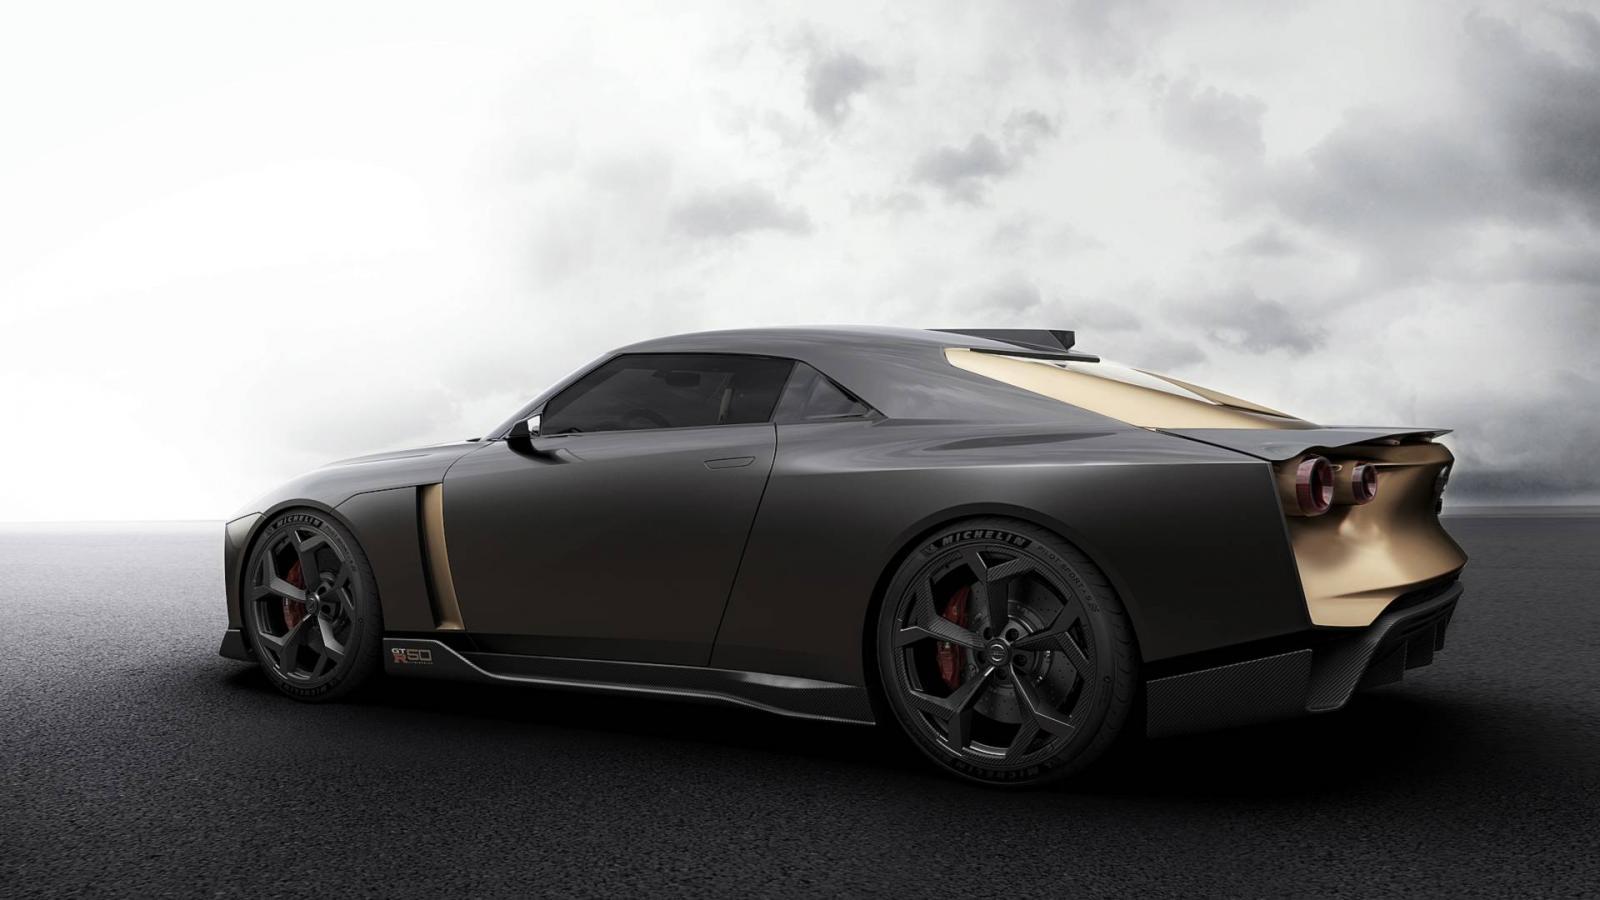 Представлен Ниссан GT-R вшесть раз дороже обычного33